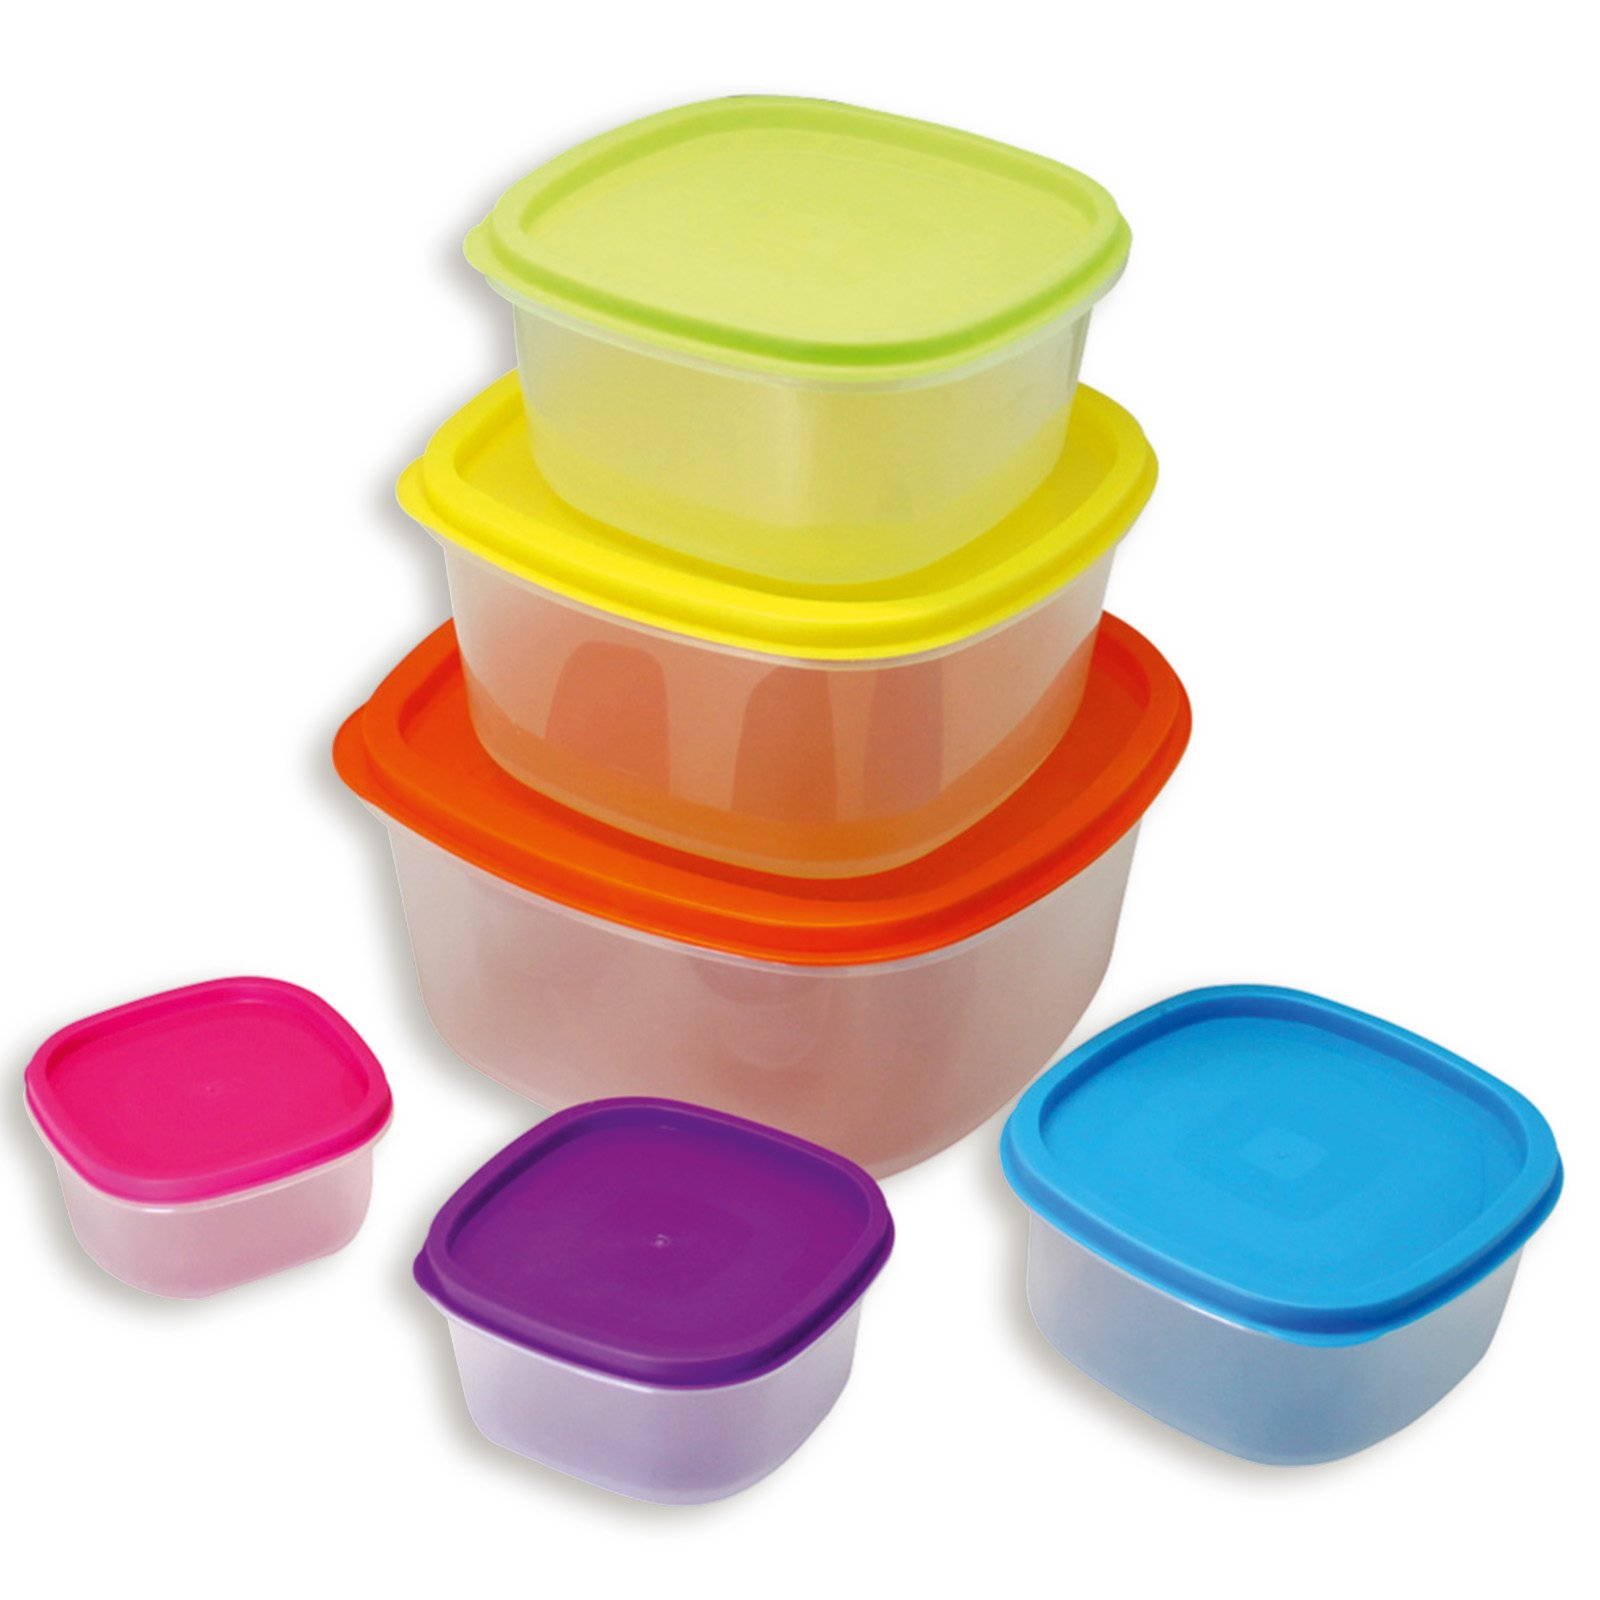 12-teiliges Dosen-Set - bunt - Kunststoff